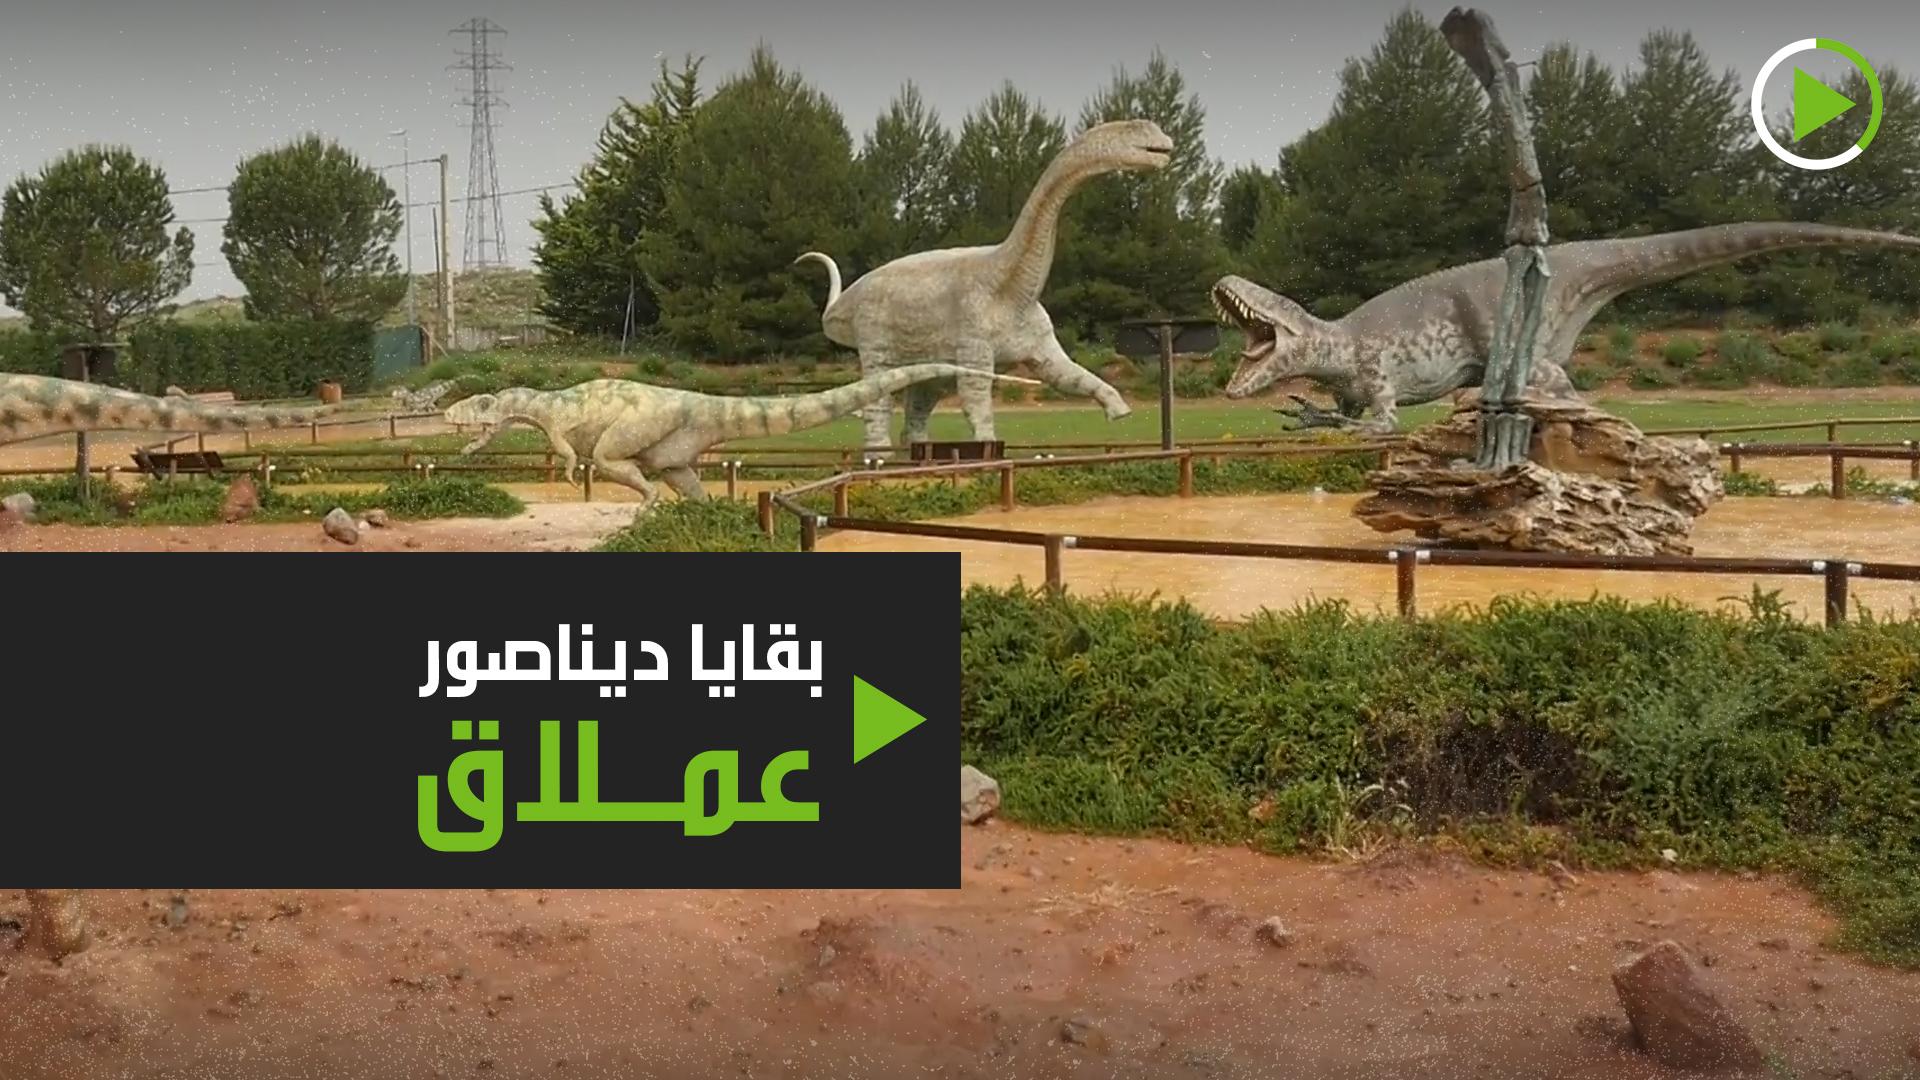 اكتشاف أحفورة تعود لديناصور طوله 20 مترا